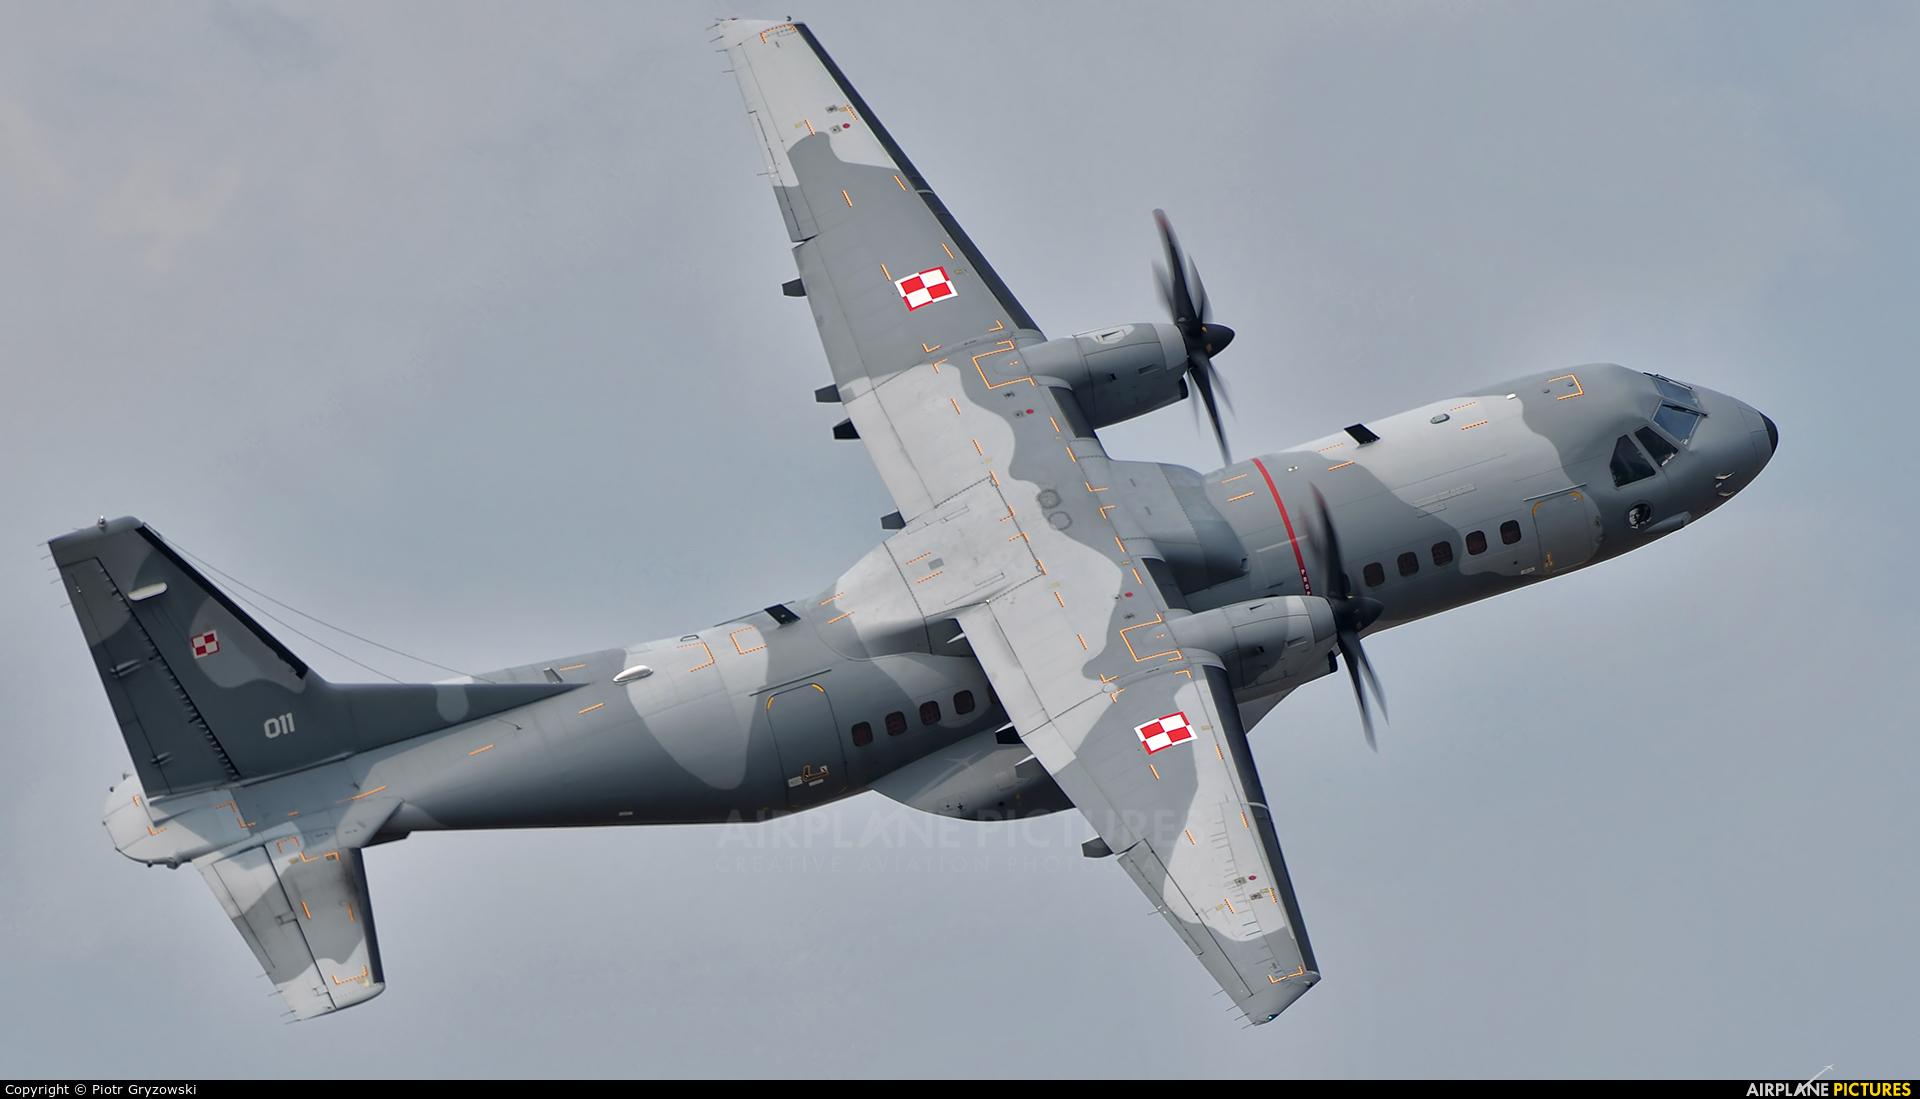 Poland - Air Force 011 aircraft at Sliač